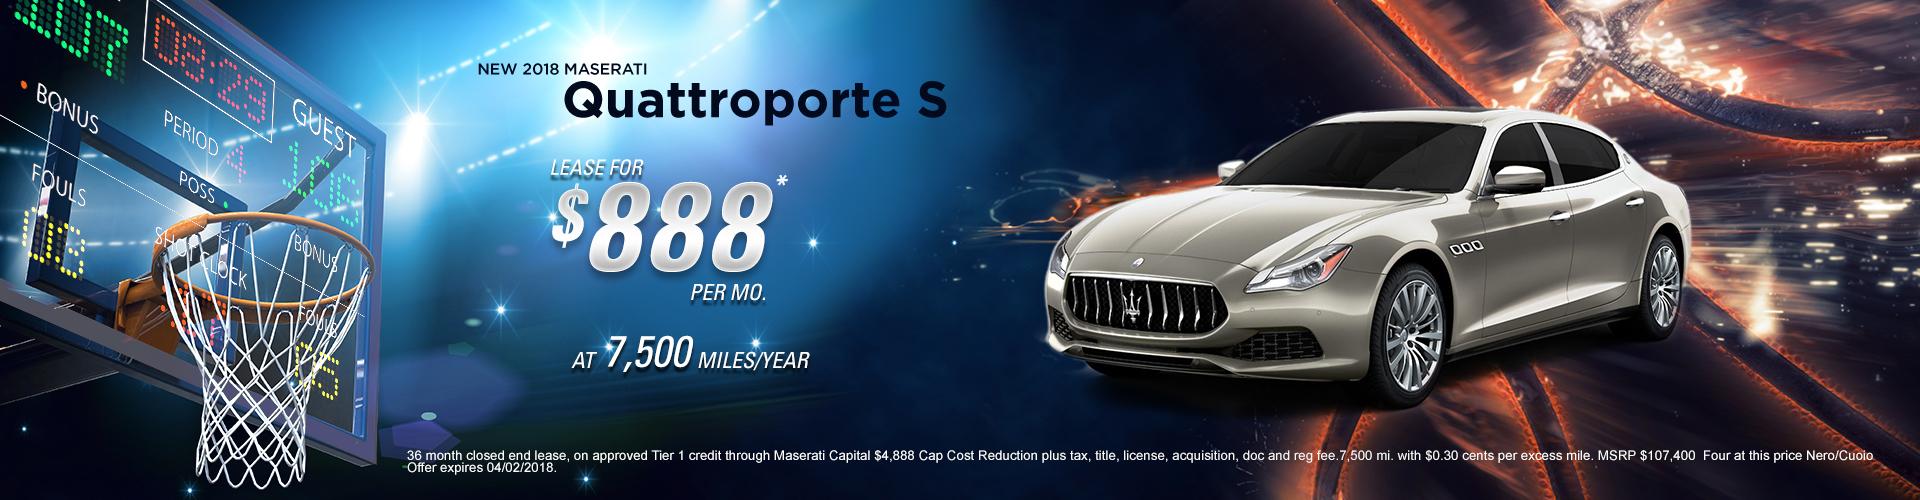 2018 Quattroporte